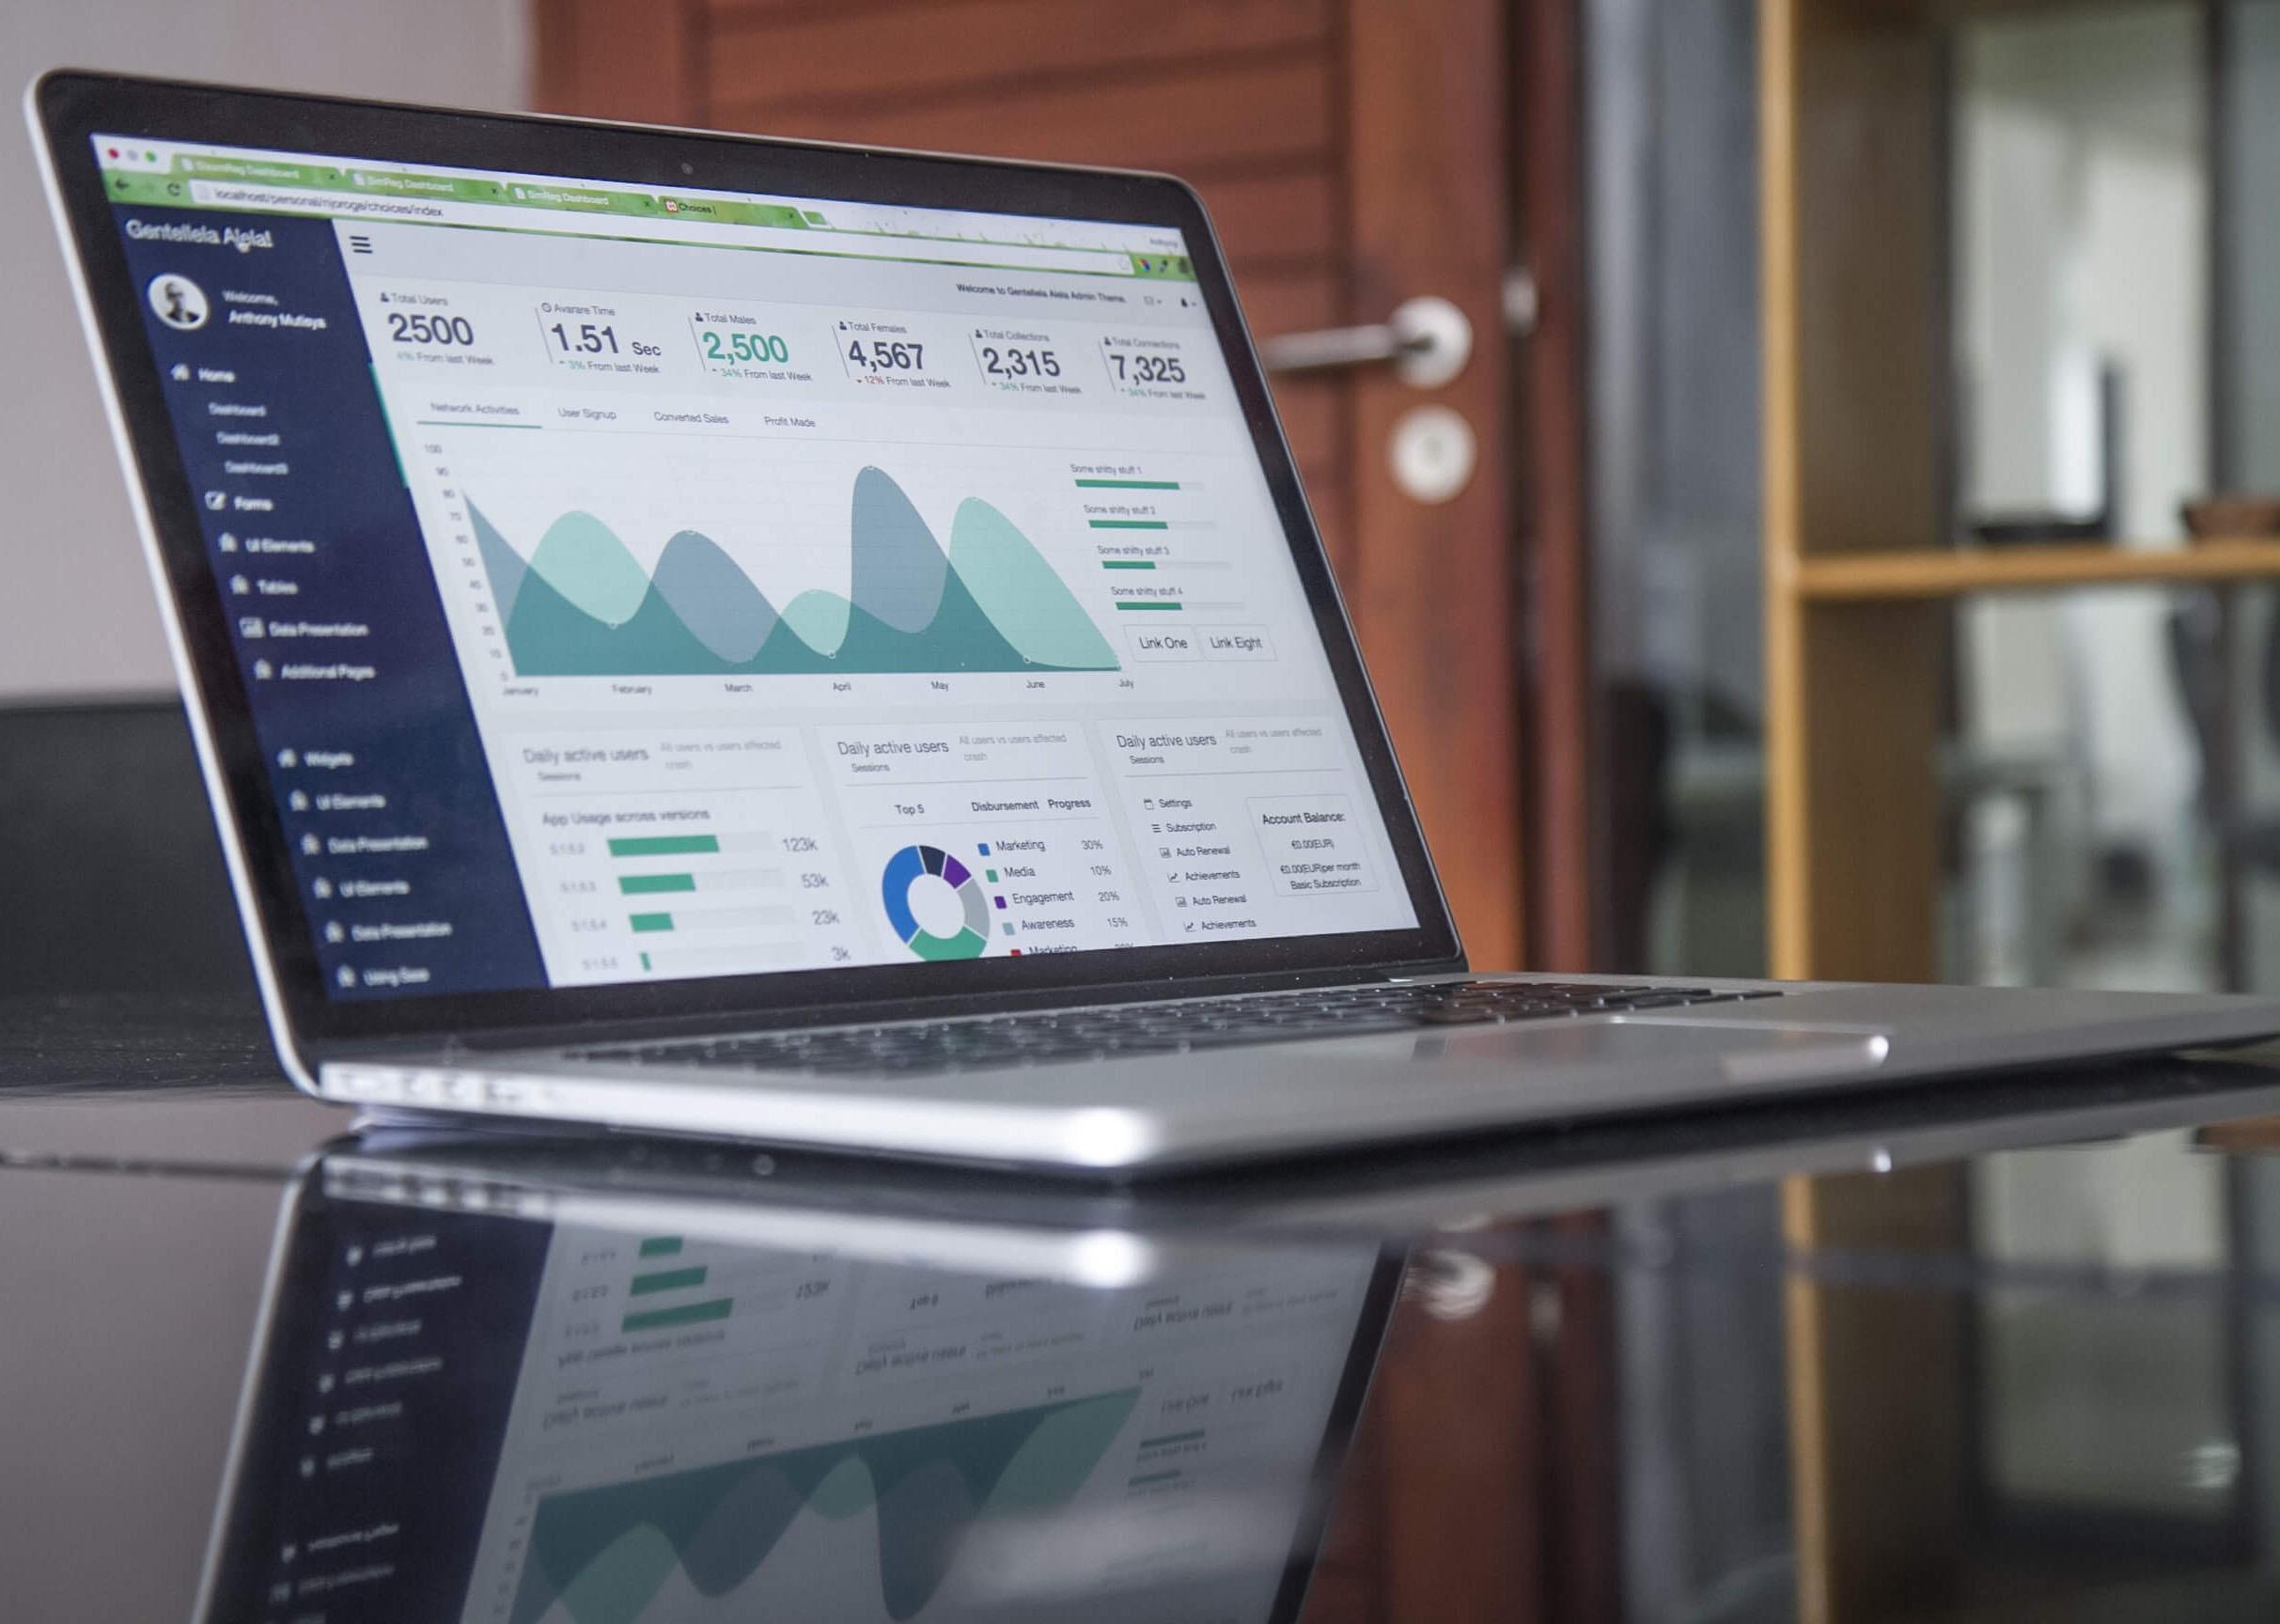 FinTech: Details Matter